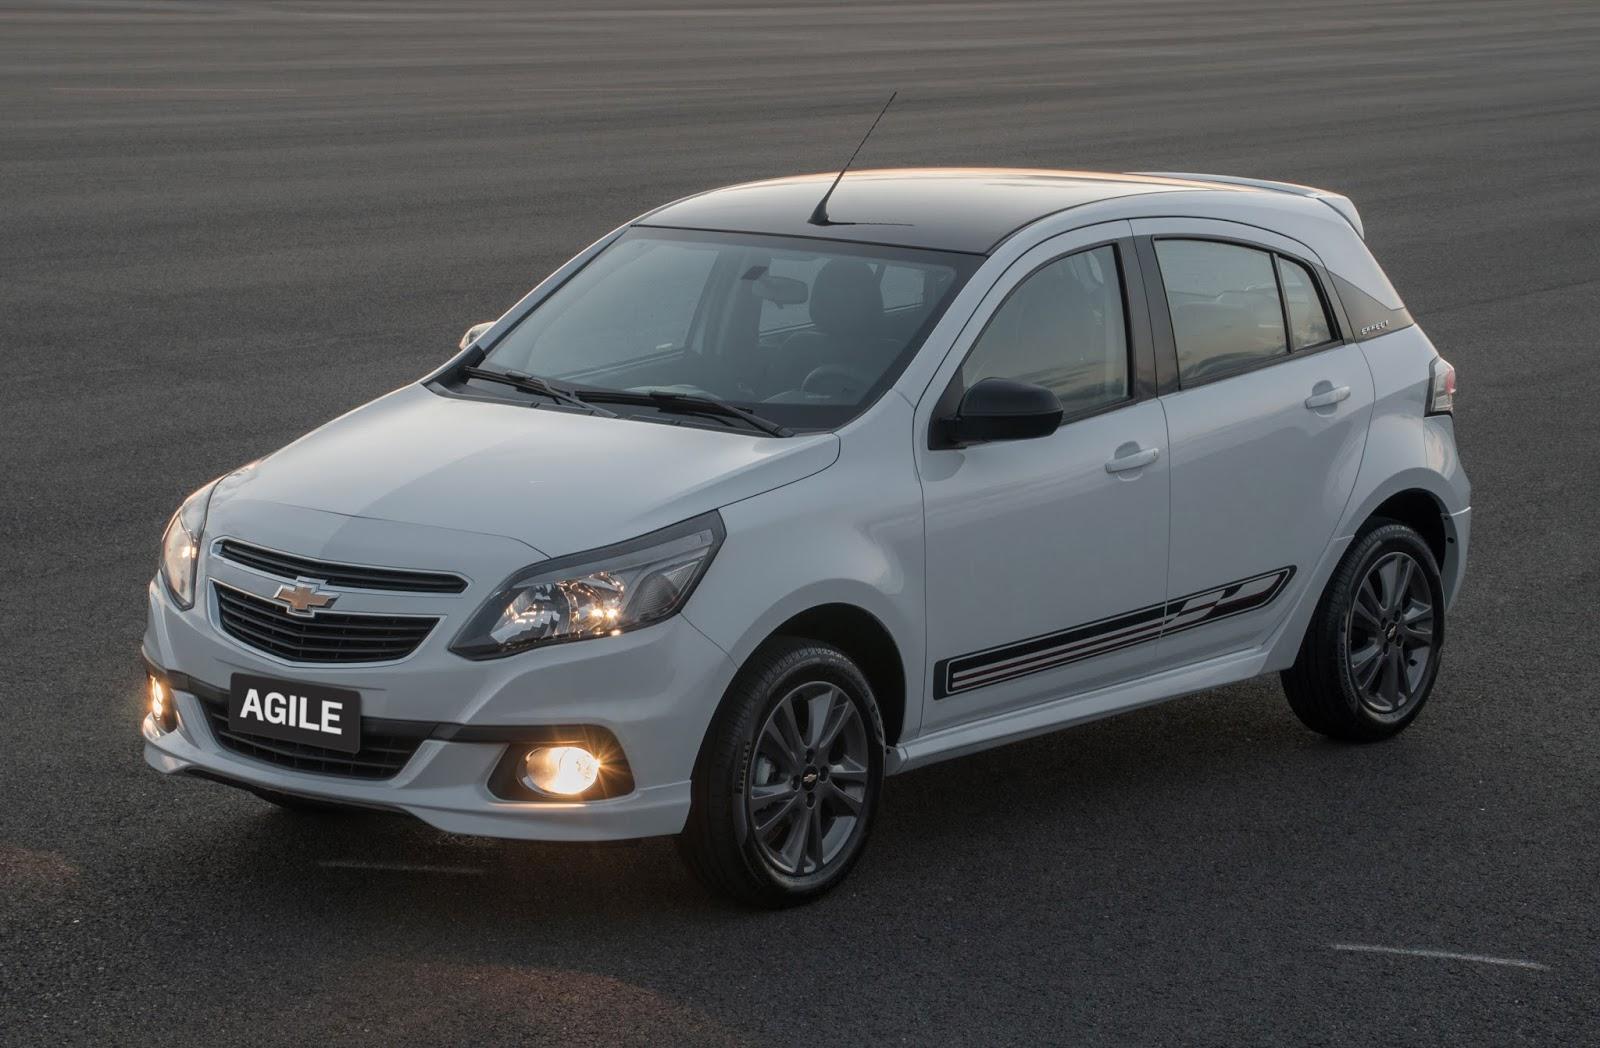 2013 Nissan Altima For Sale >> Chevrolet Agile 2014 Precio.html | Autos Weblog